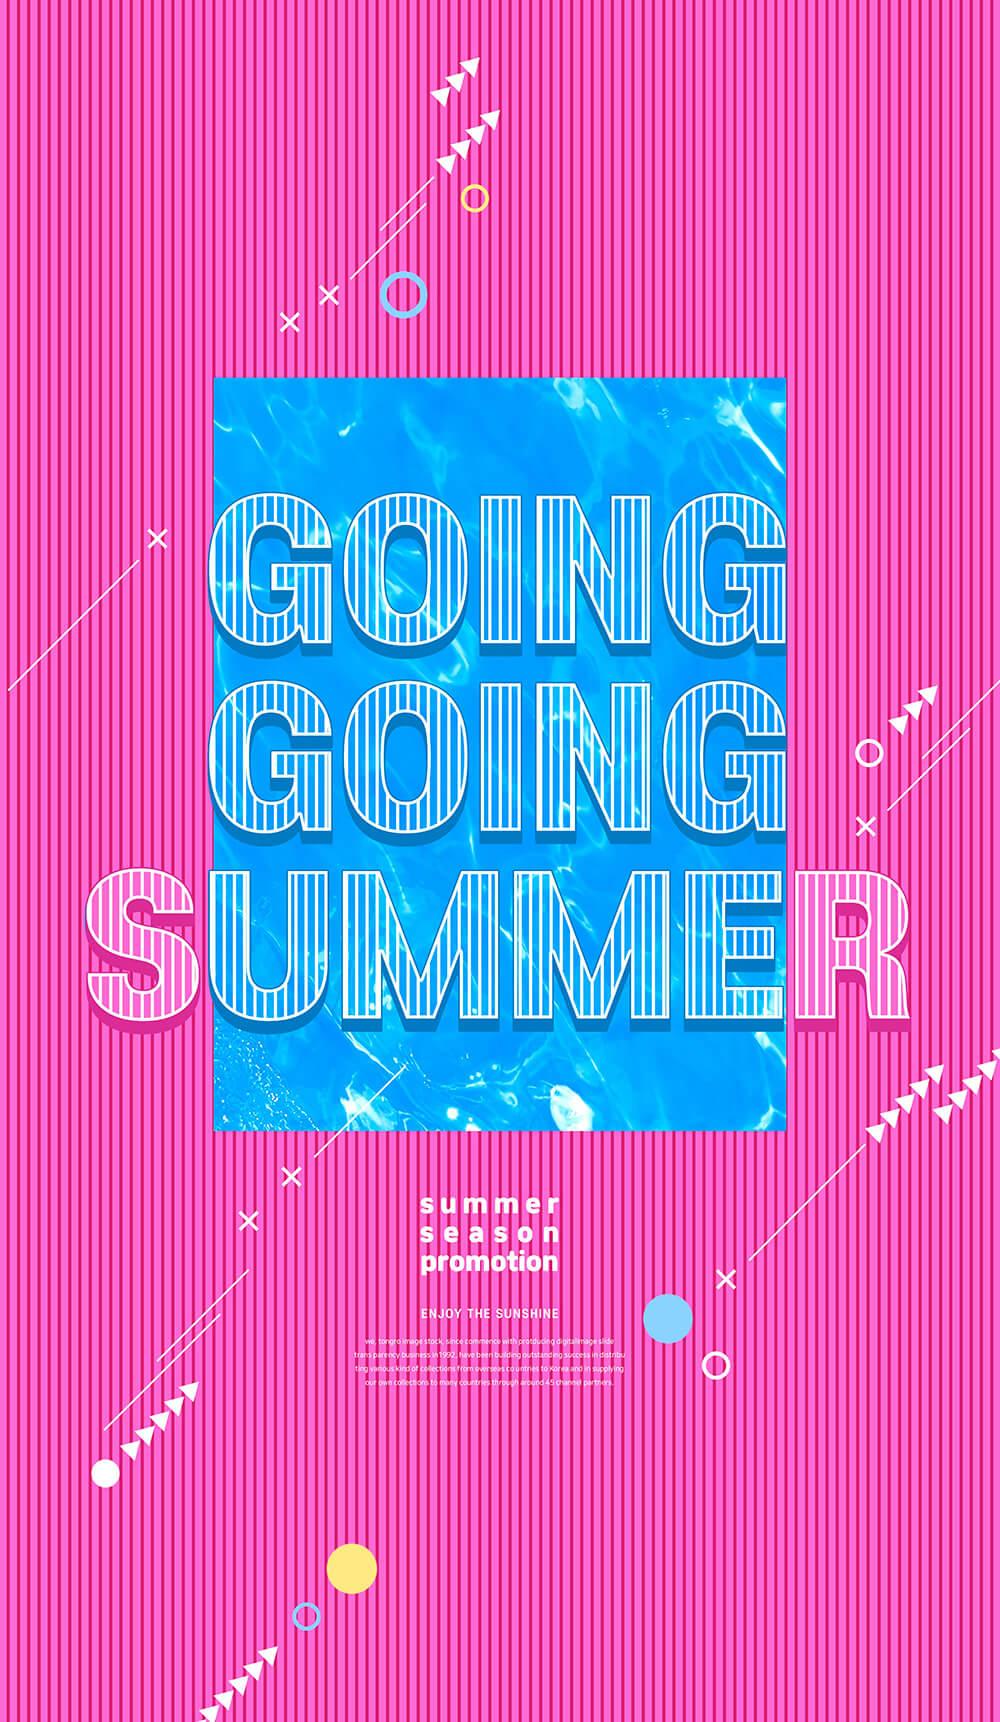 经典条纹视觉夏季主题海报设计模板designshidai_haibao55